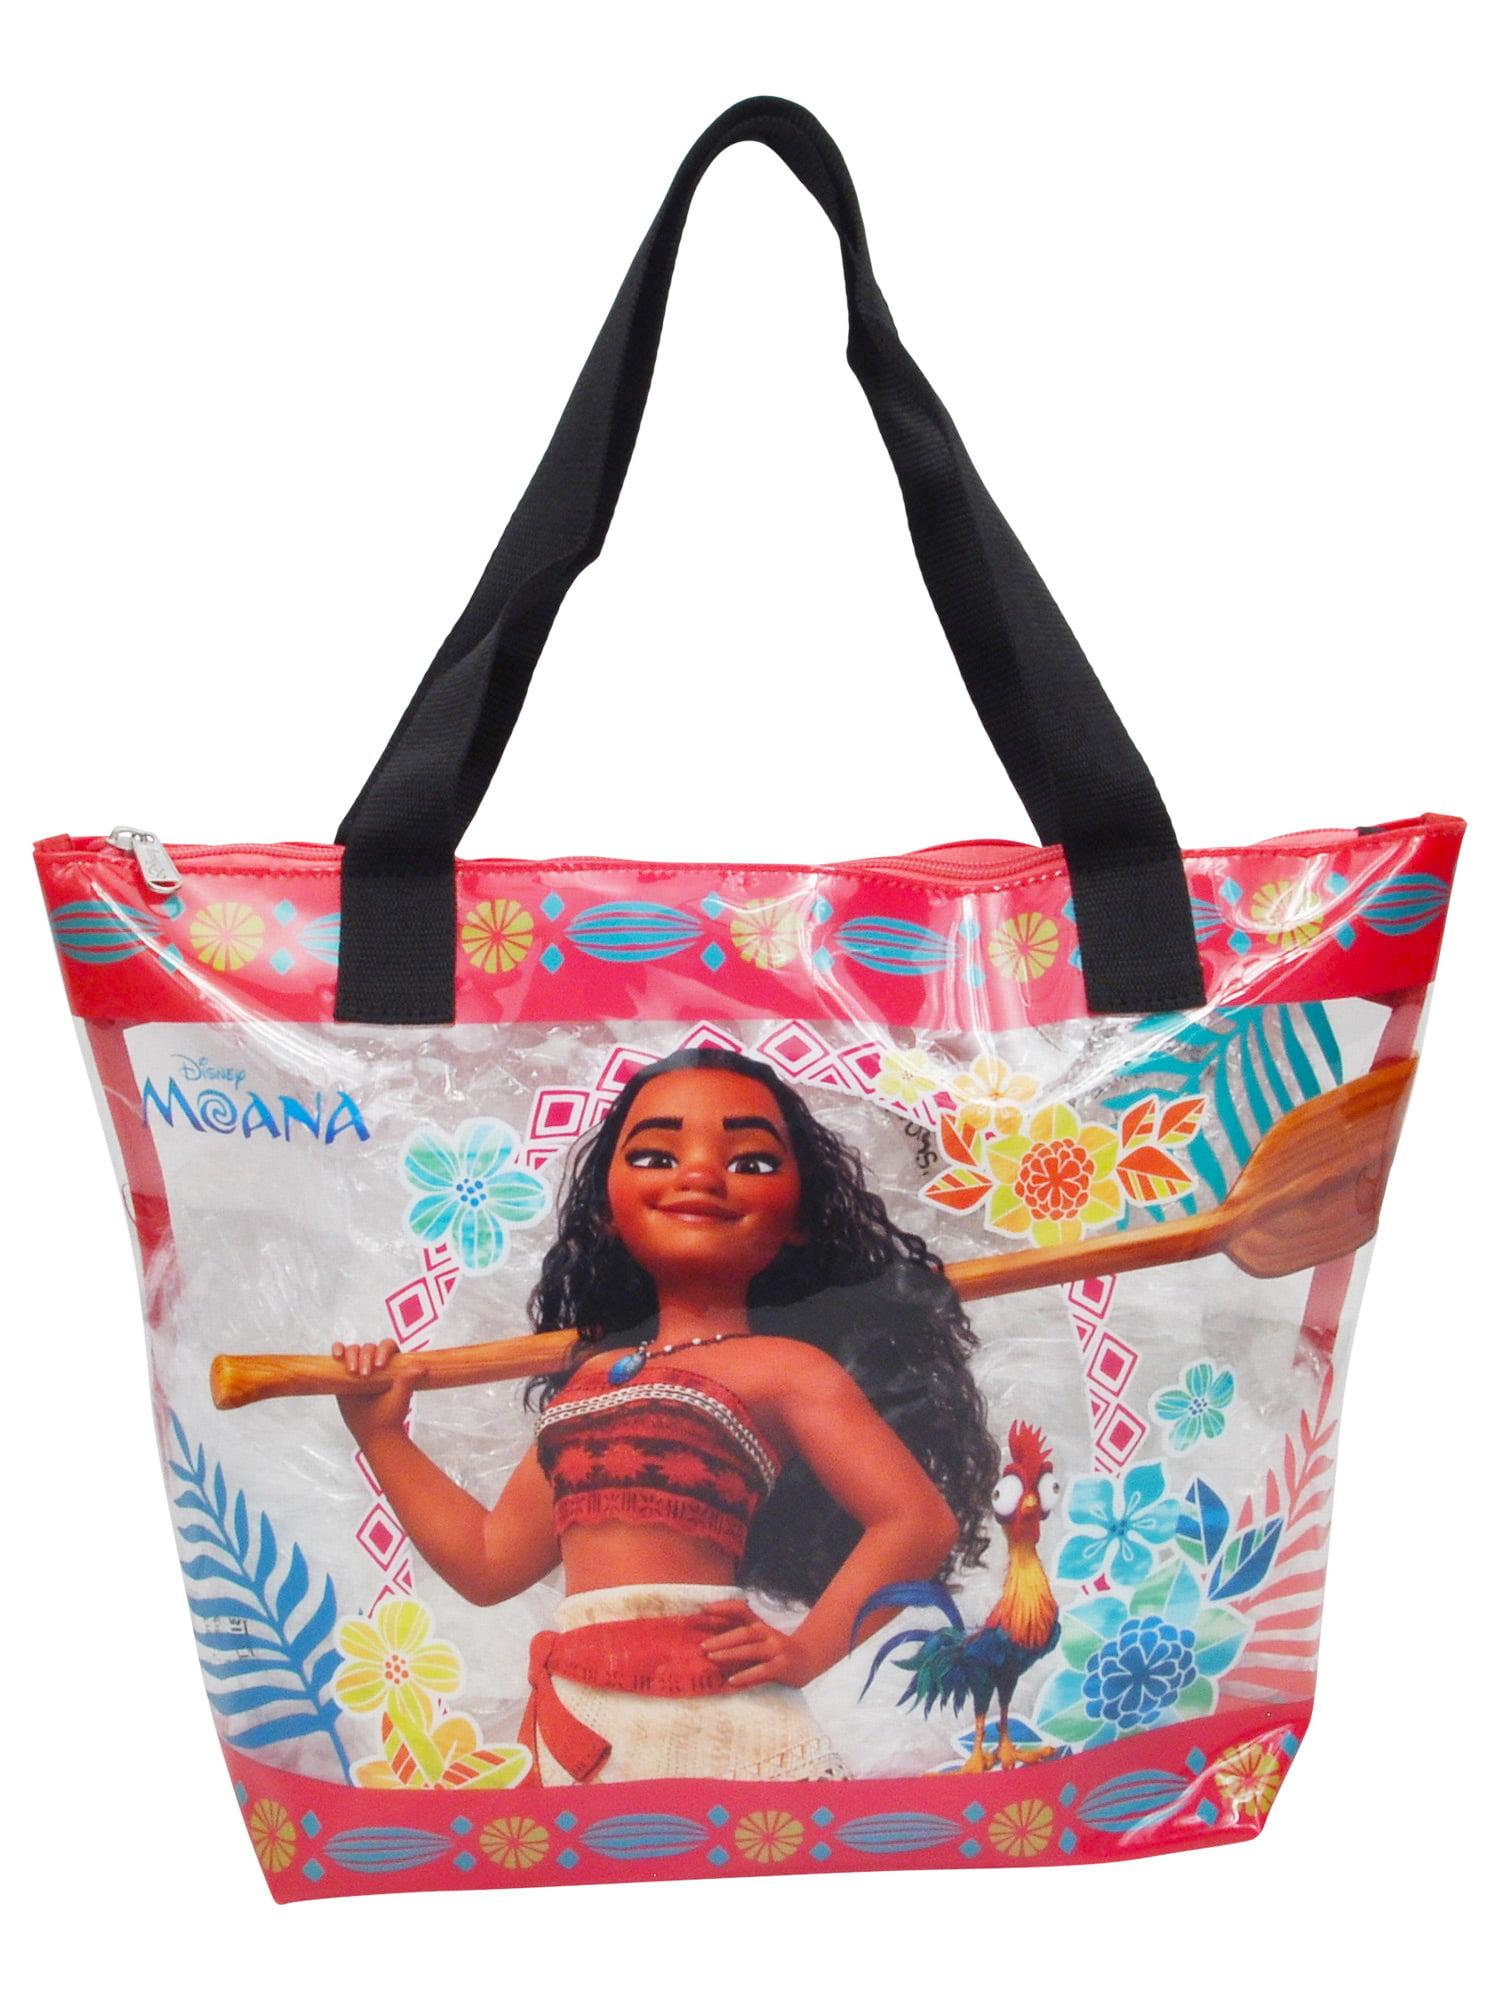 Girls Moana Large Beach Tote Bag Clear